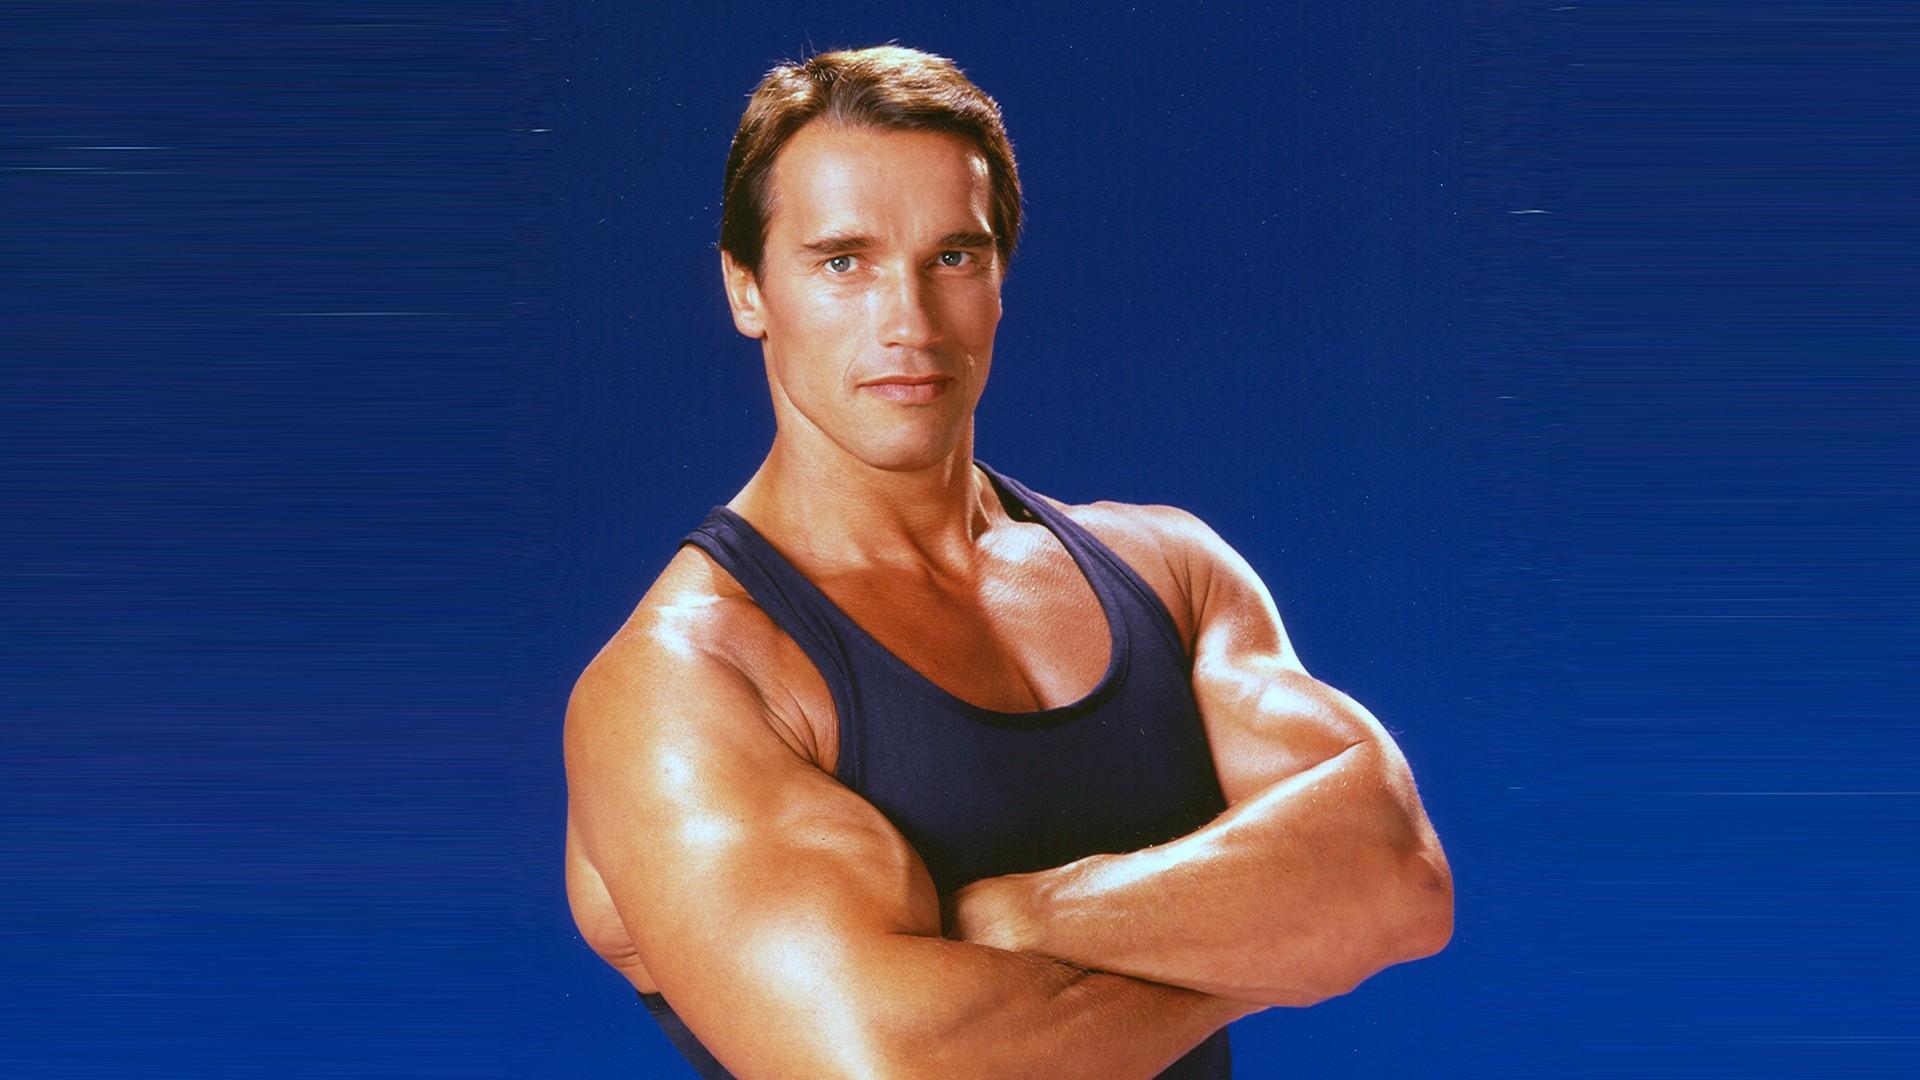 Top 10 3d Wallpapers Arnold Schwarzenegger Bodybuilder Wallpapers Hd